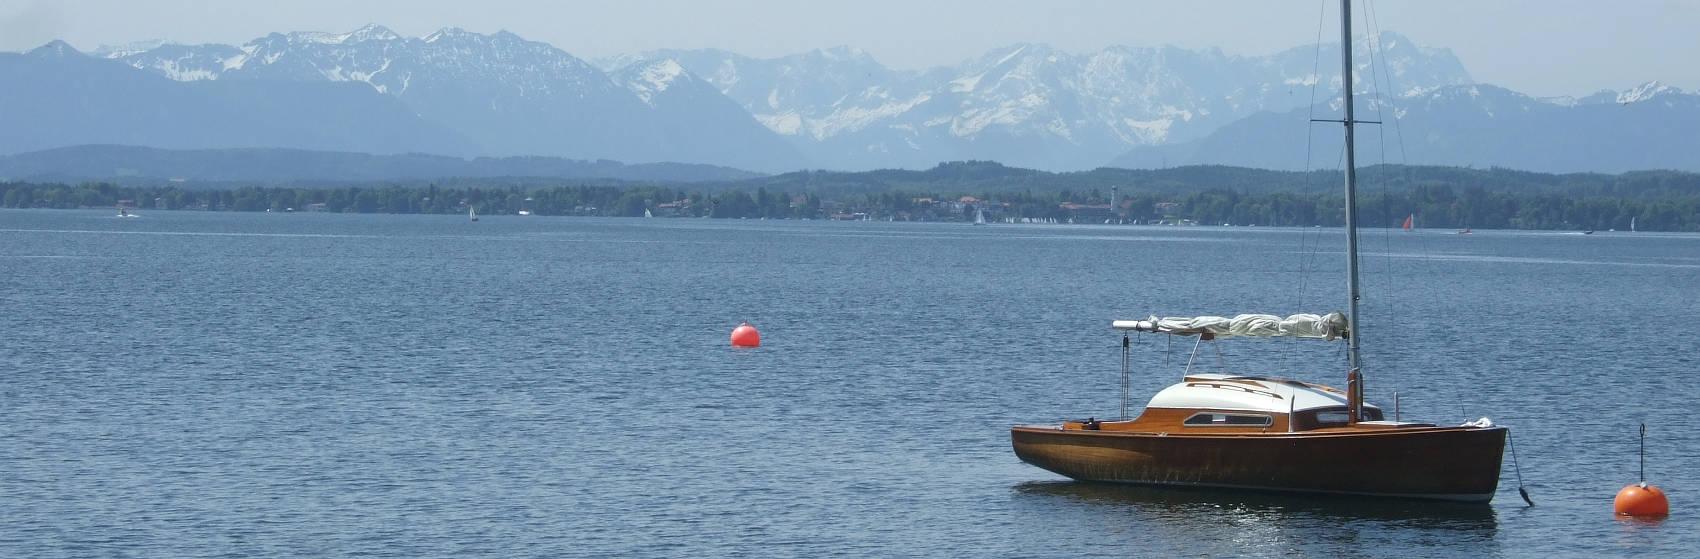 Munsing Am Starnberger See